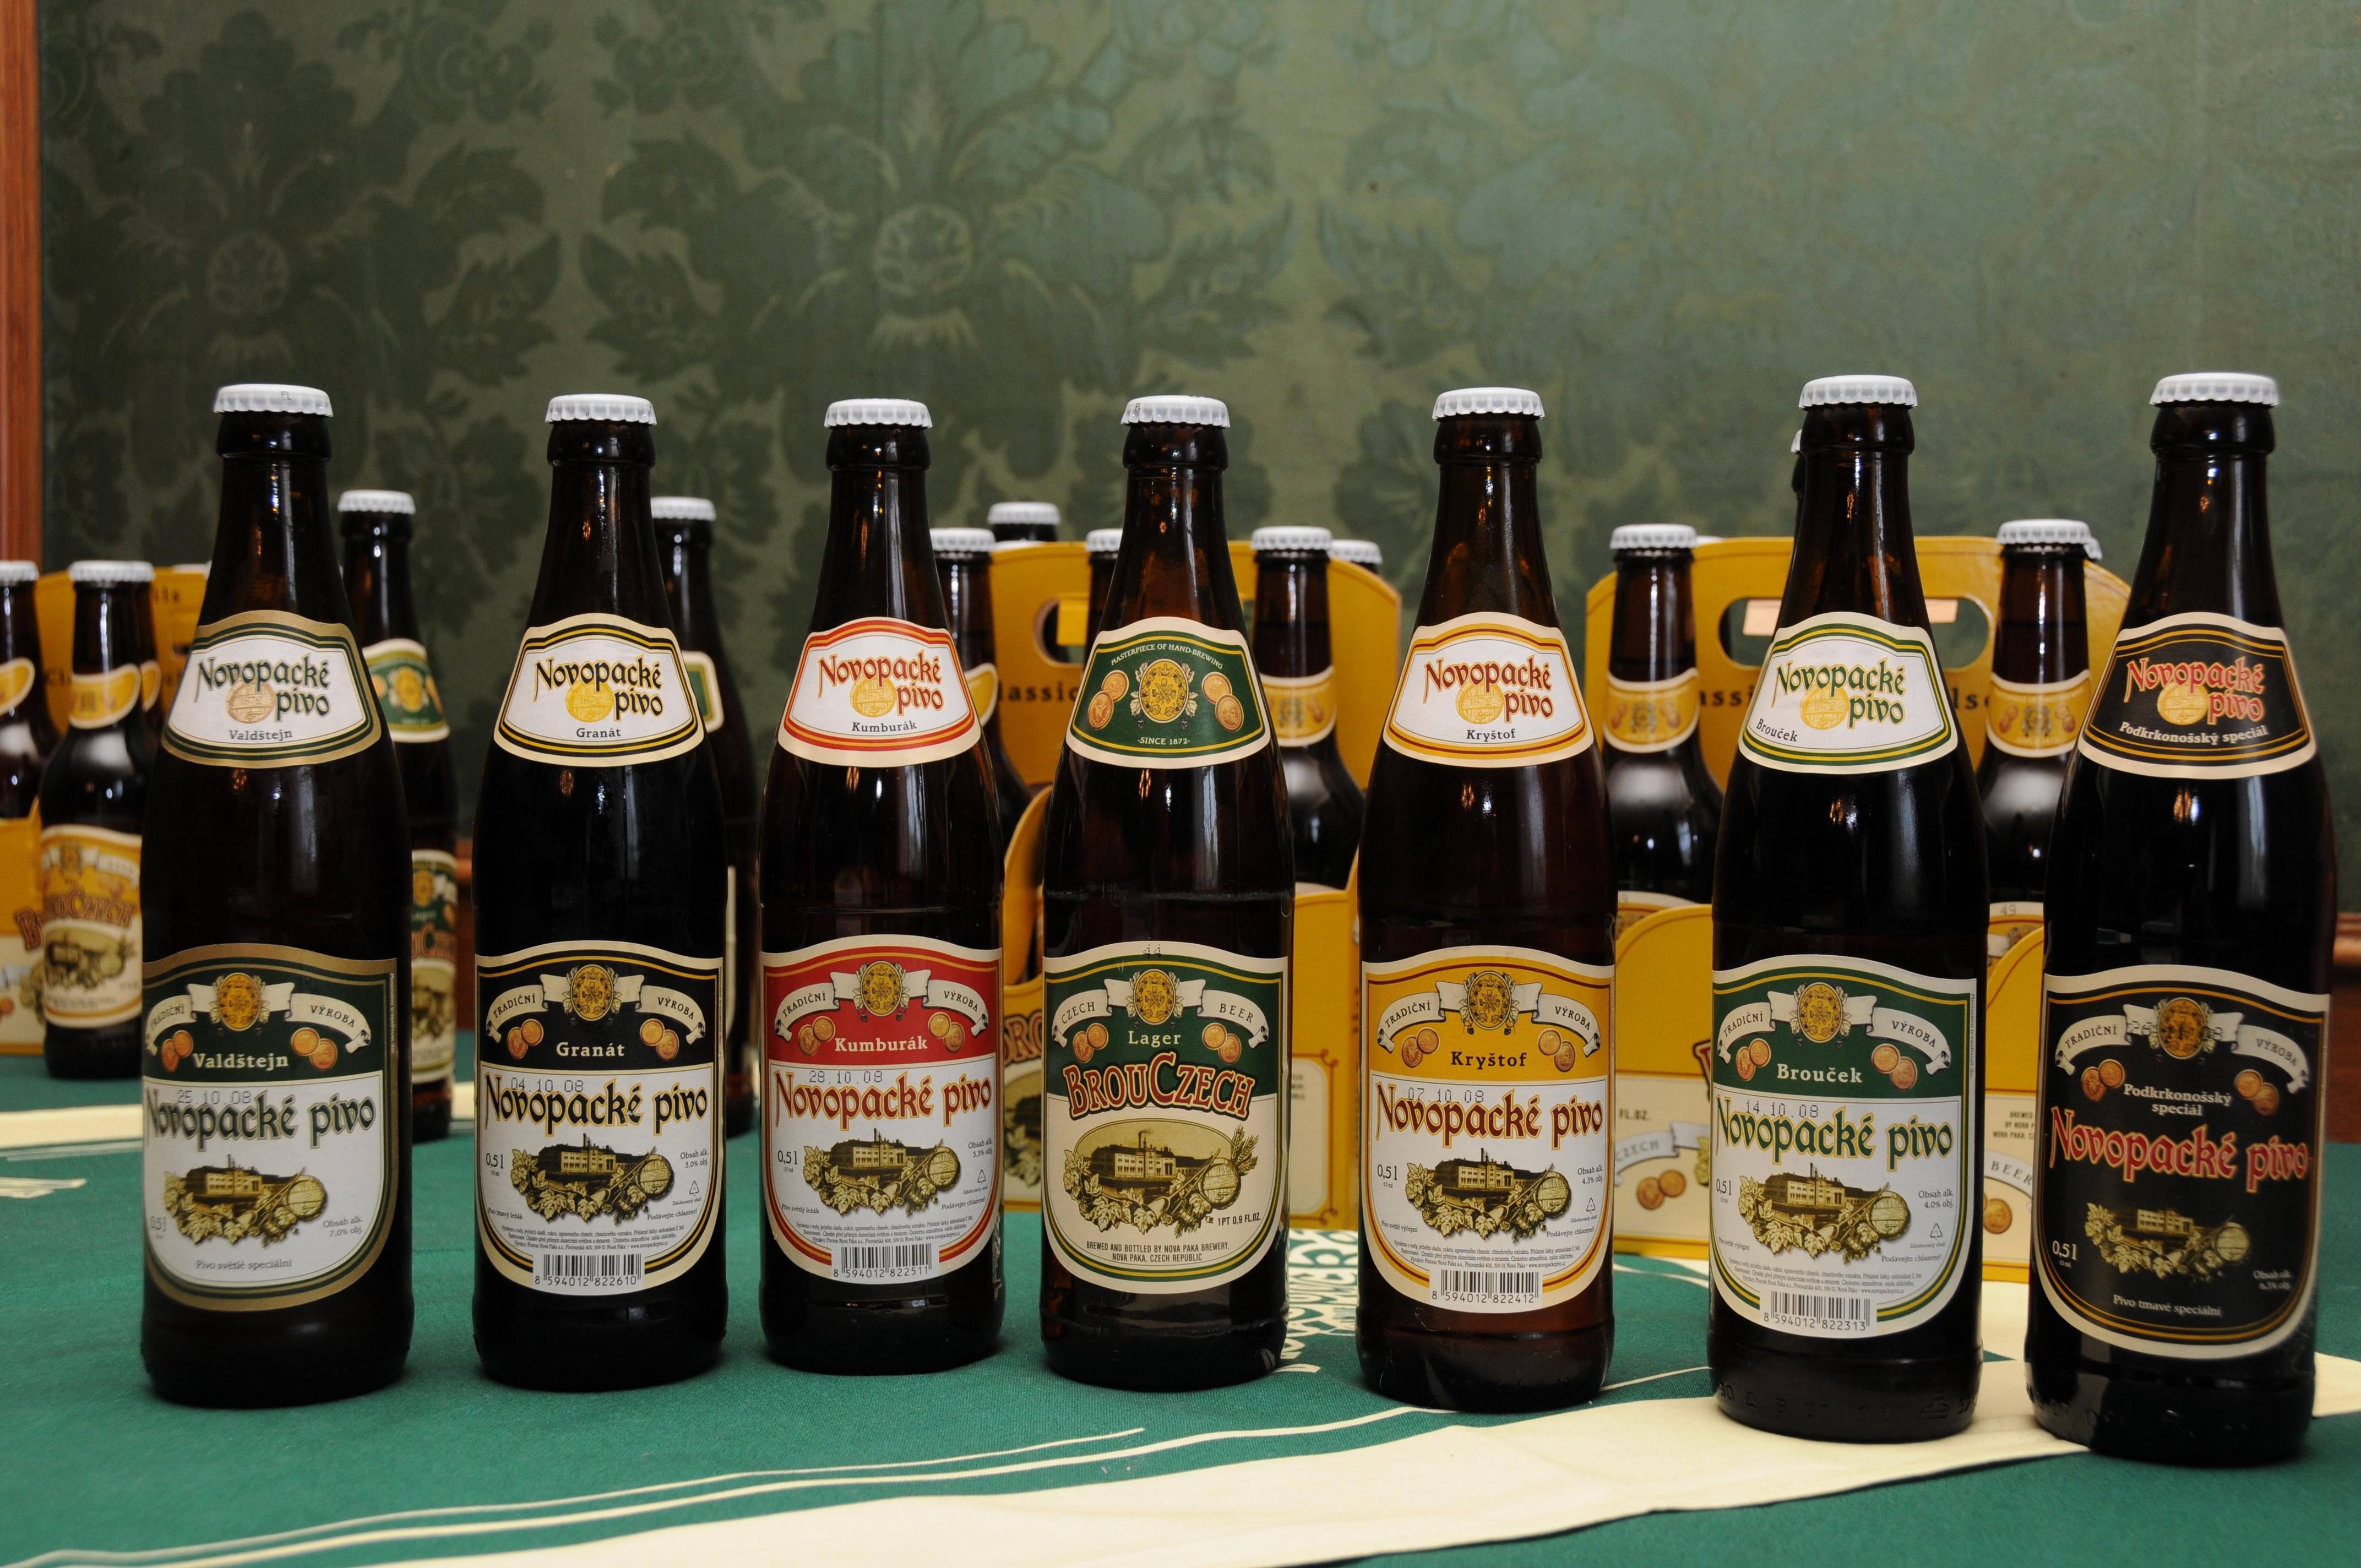 Pivo z pivovaru v Nové Pace, obrázek se otevře v novém okně